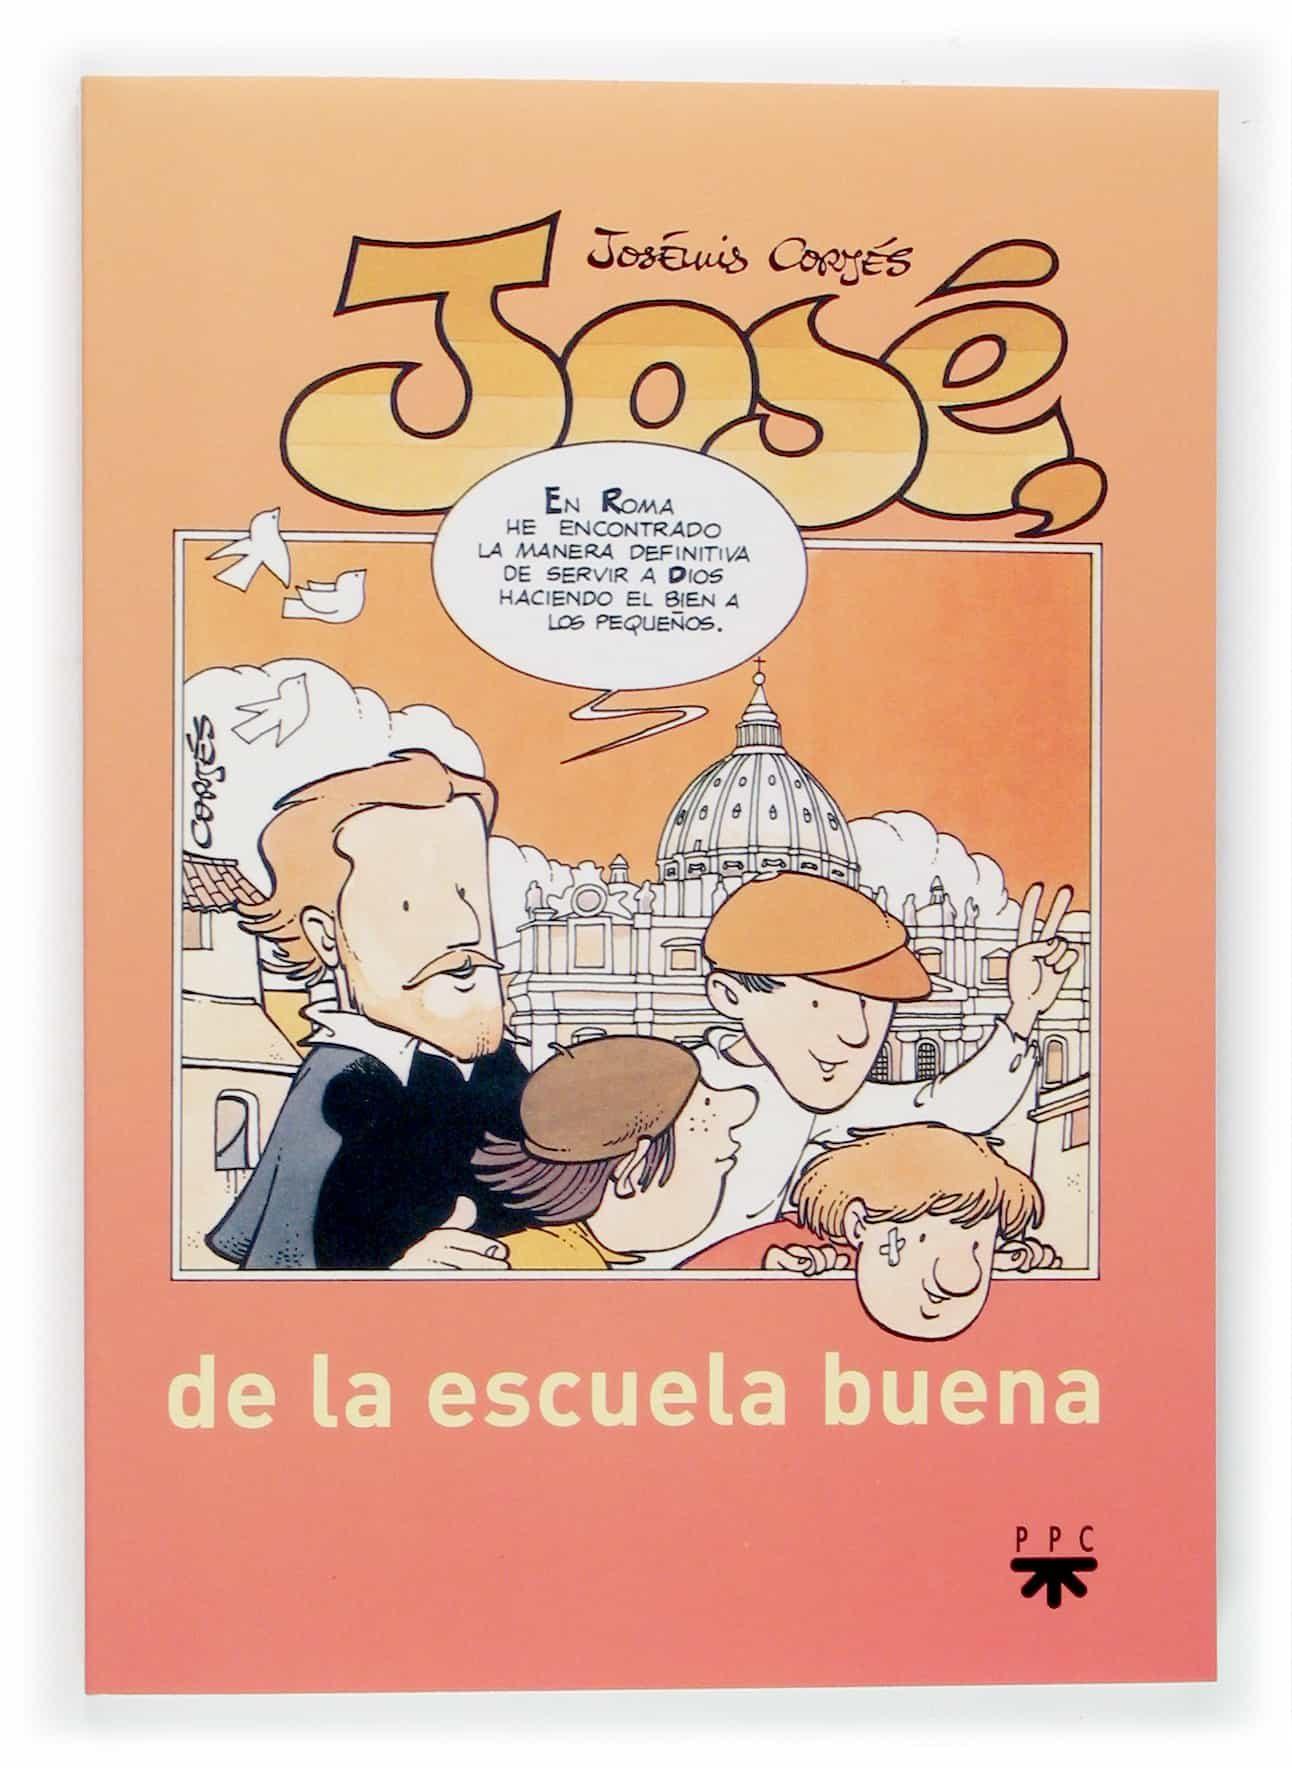 Jose De La Escuela Buena por Jose Luis Cortes epub